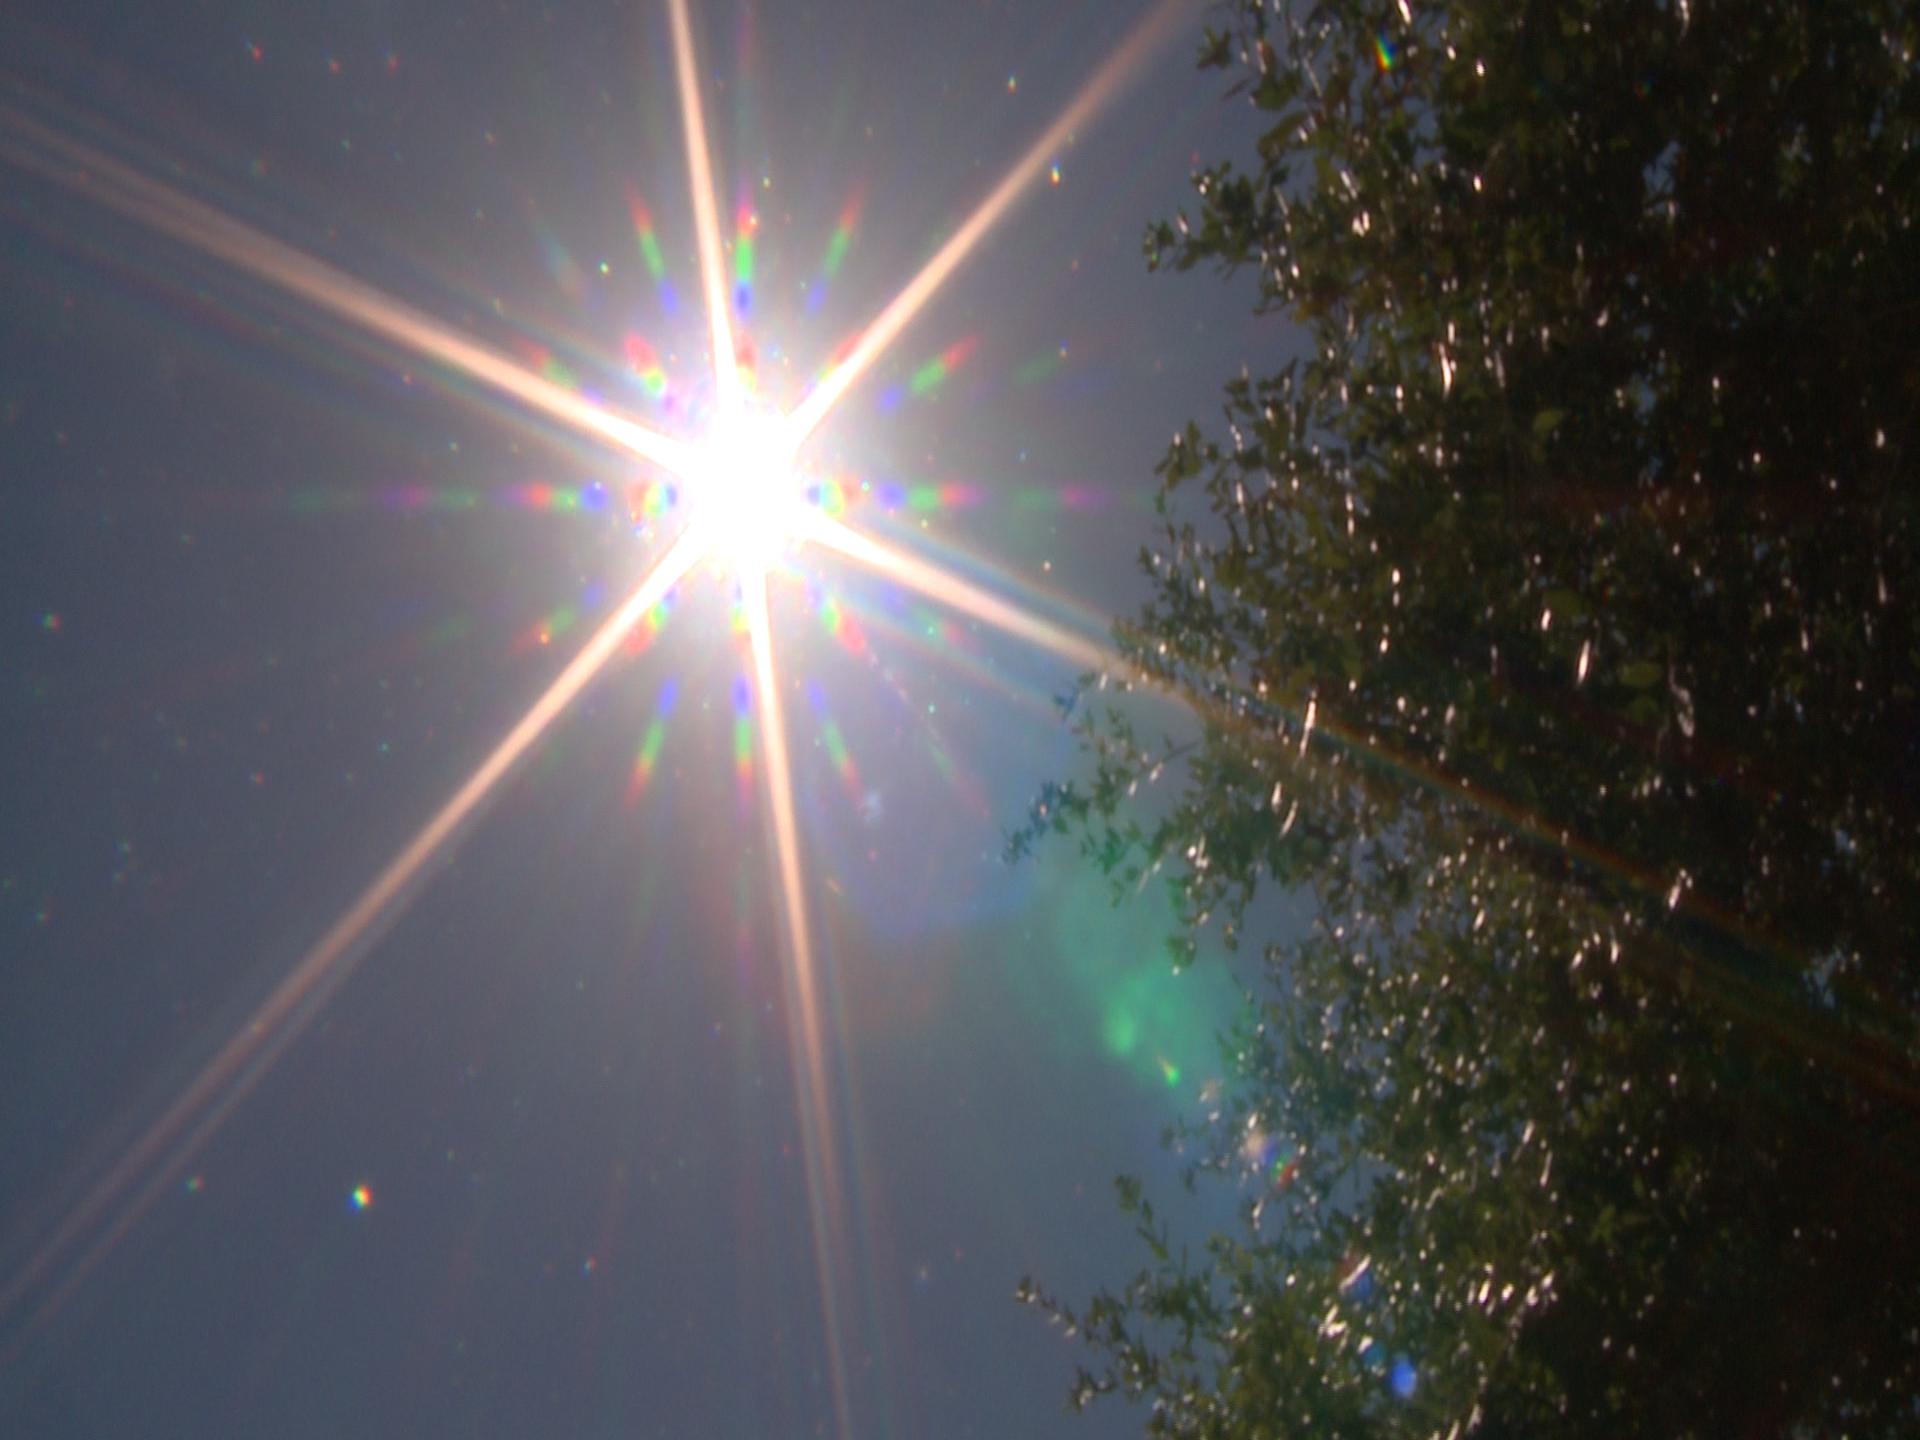 sun, hot day, sunny_310367